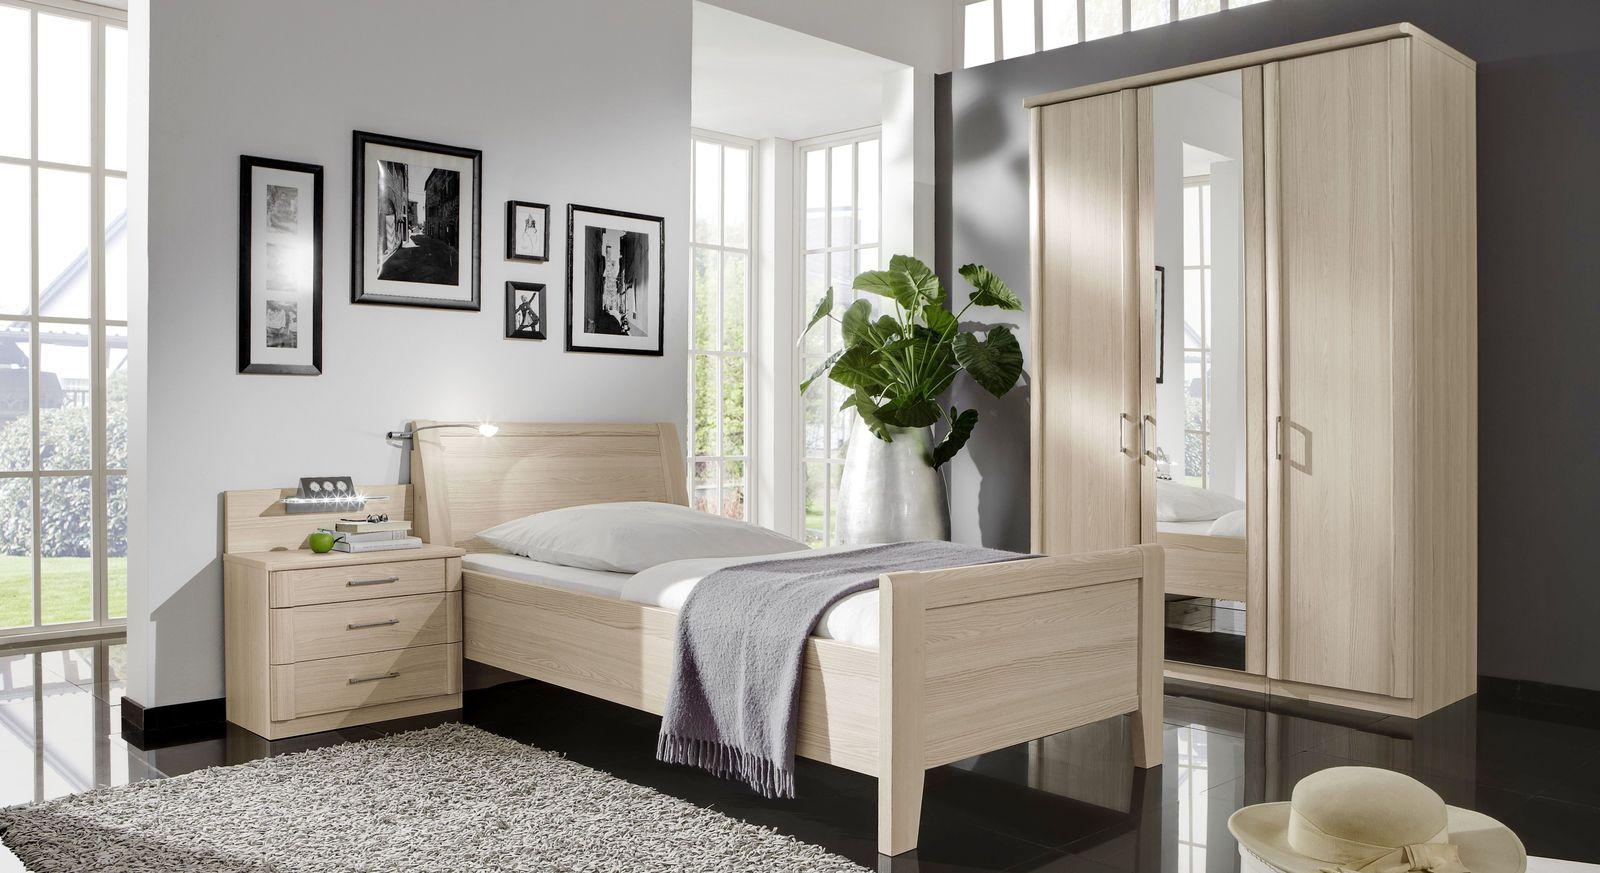 Komplett-Schlafzimmer für Senioren mit Einzelbett - Montego